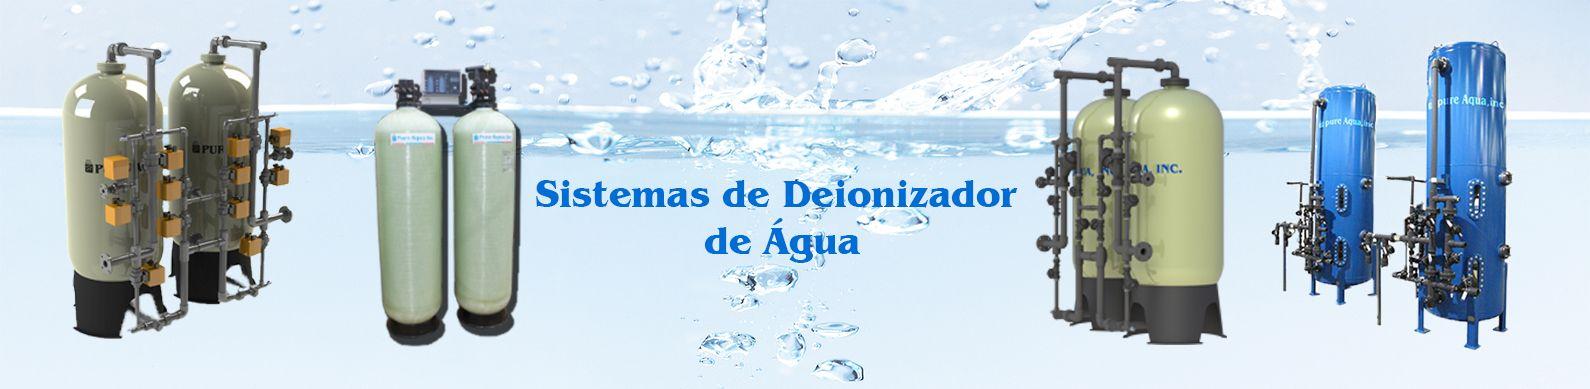 sistemas-de-deionizador-de-agua.jpg